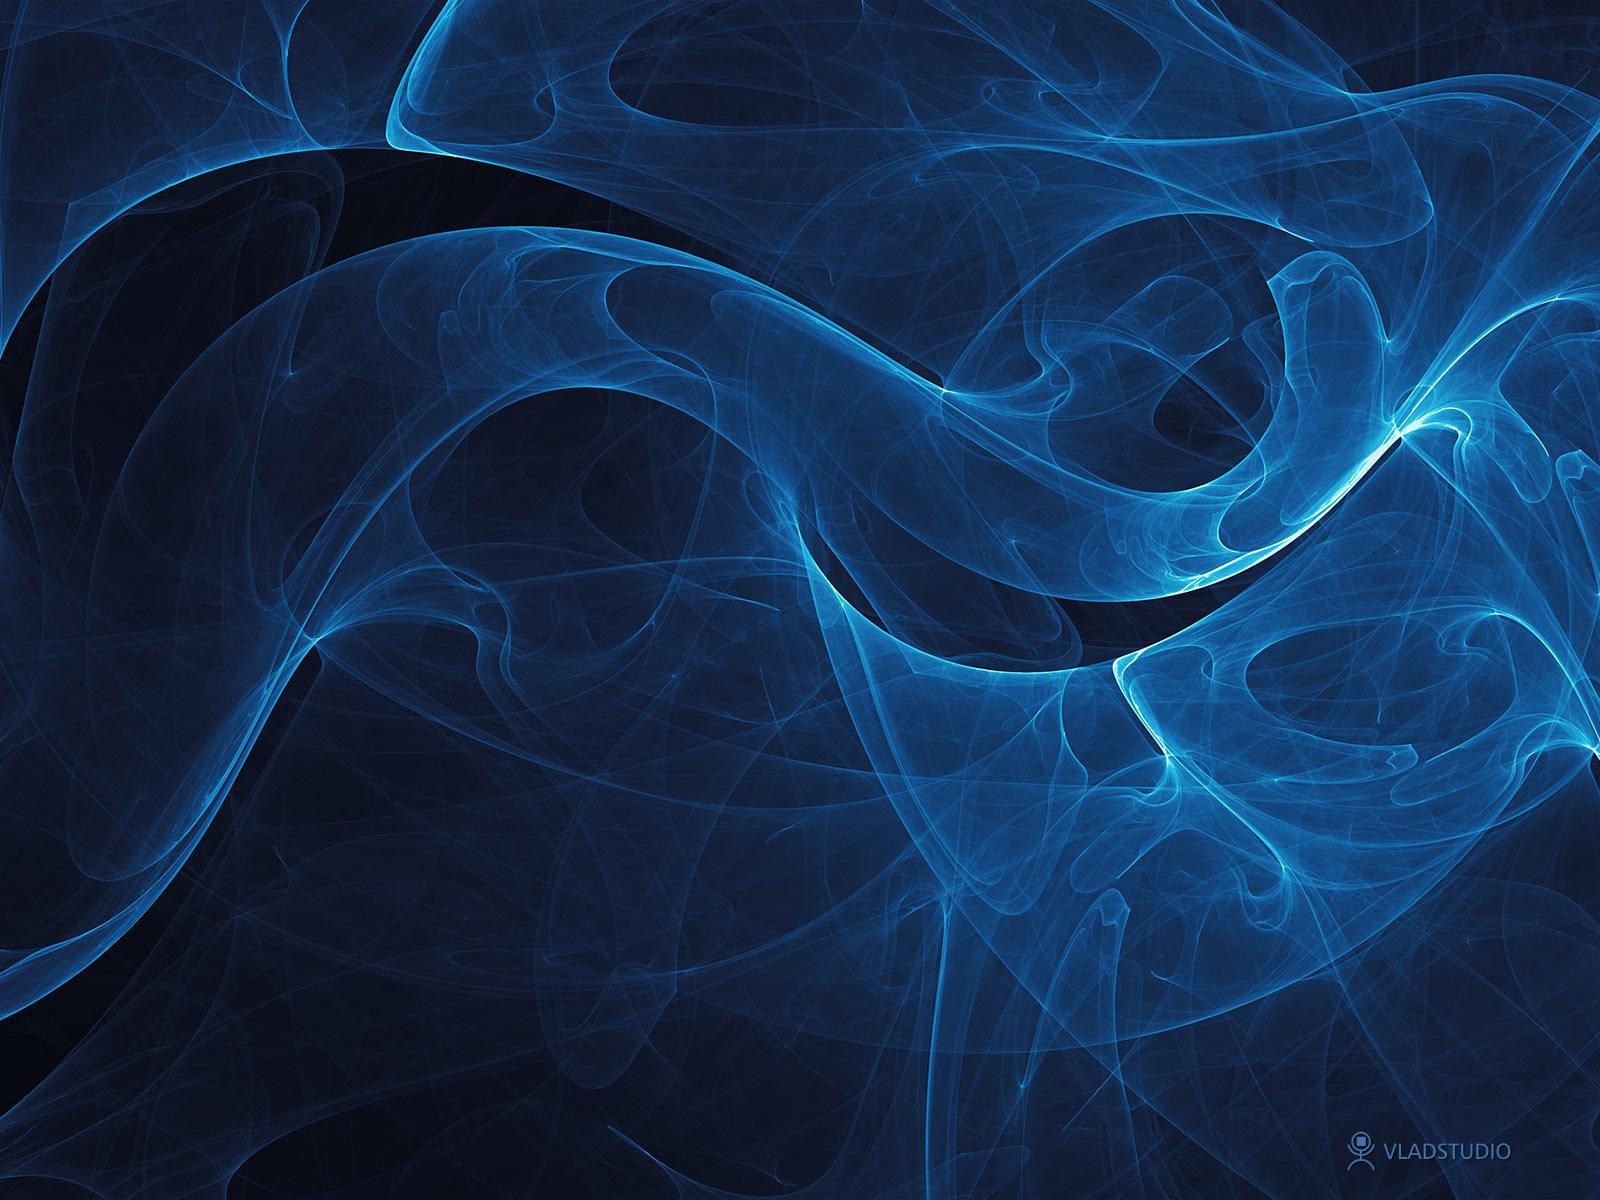 navy blue chevron wallpaper navy blue navy blue wallpaper solid navy 1600x1200